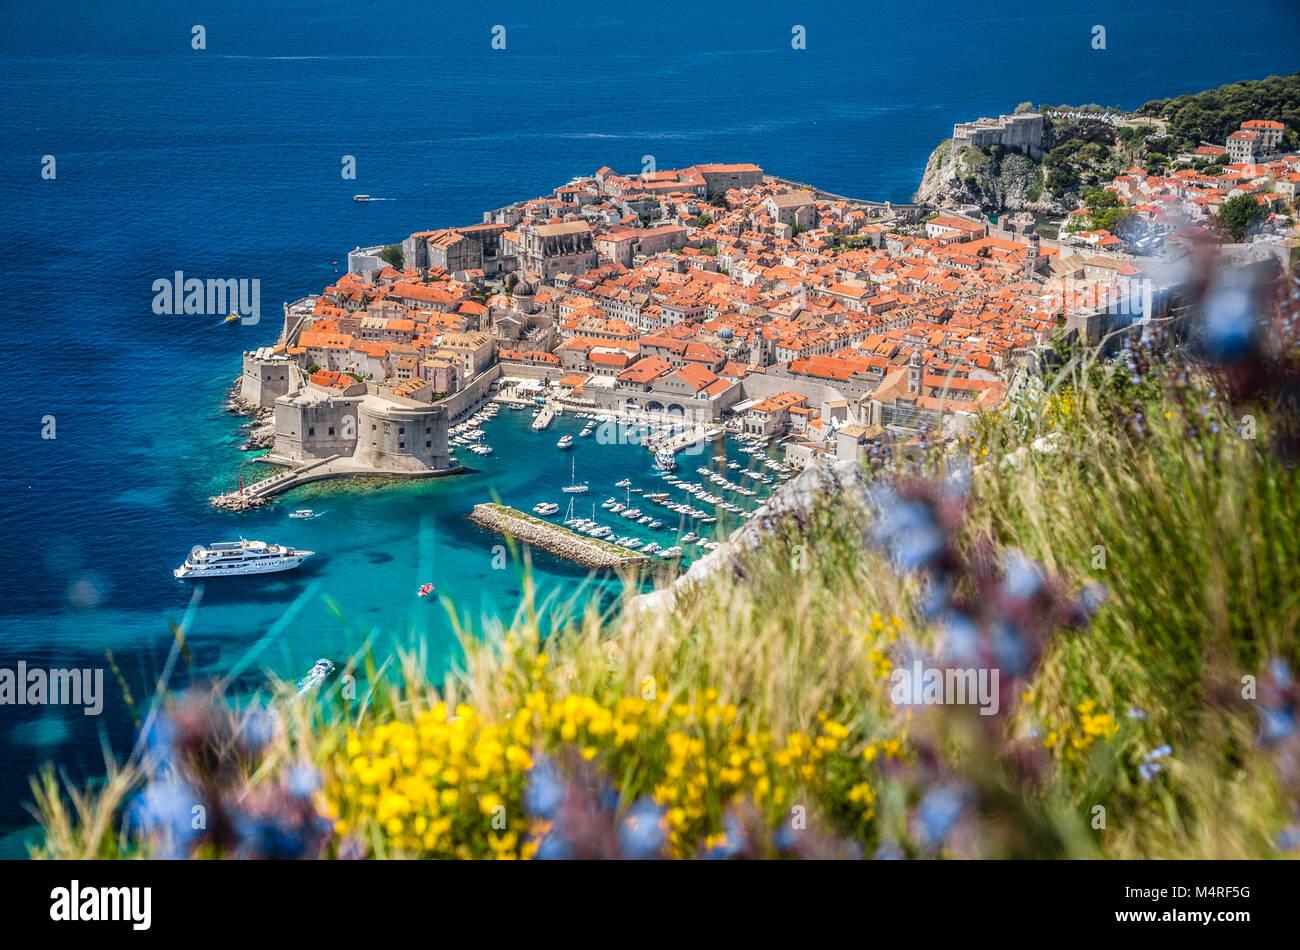 Vue aérienne de la ville historique de Dubrovnik, l'une des plus célèbres destinations touristiques Photo Stock